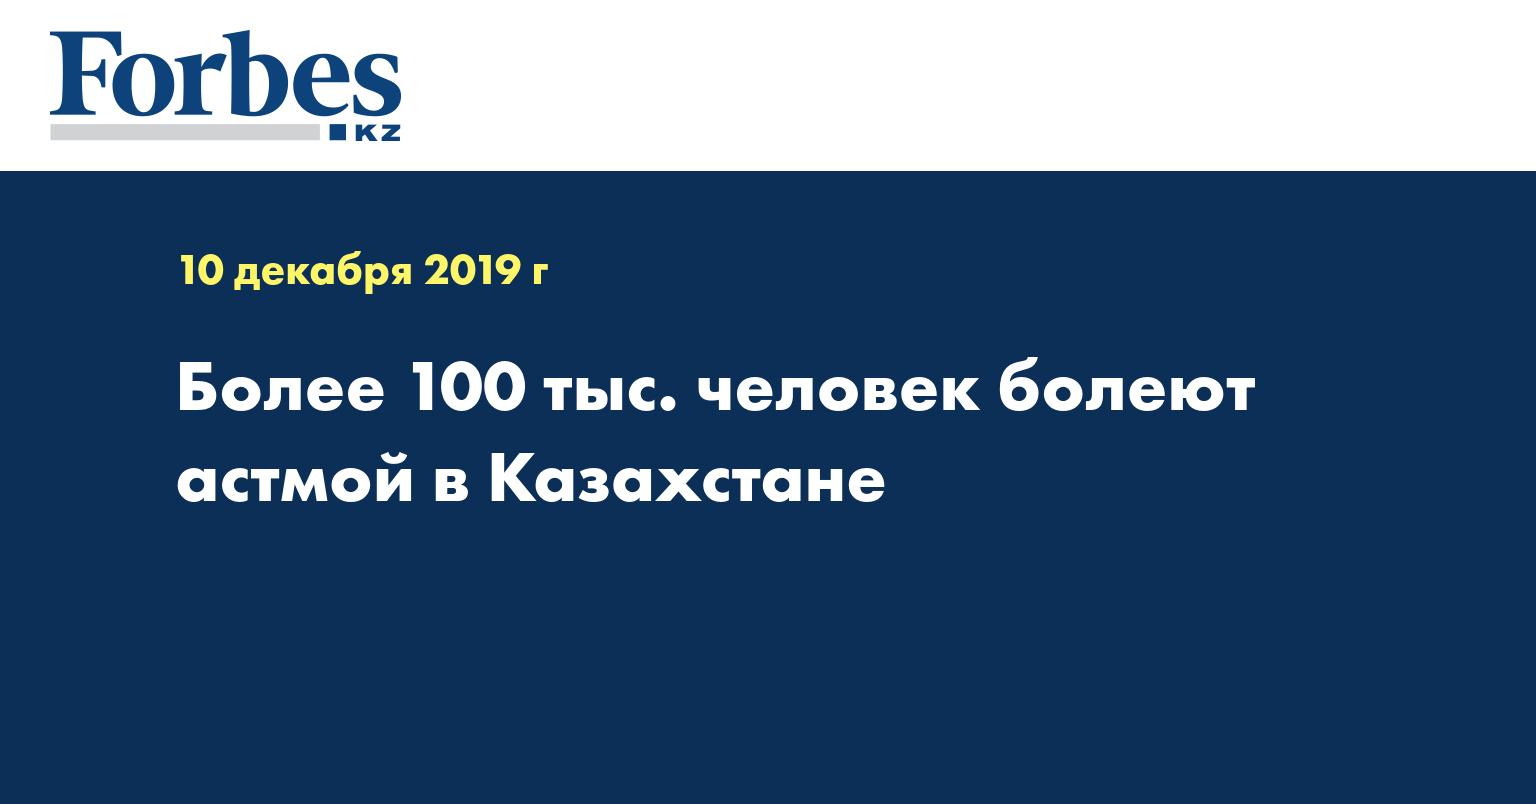 Более 100 тыс. человек болеют астмой в Казахстане